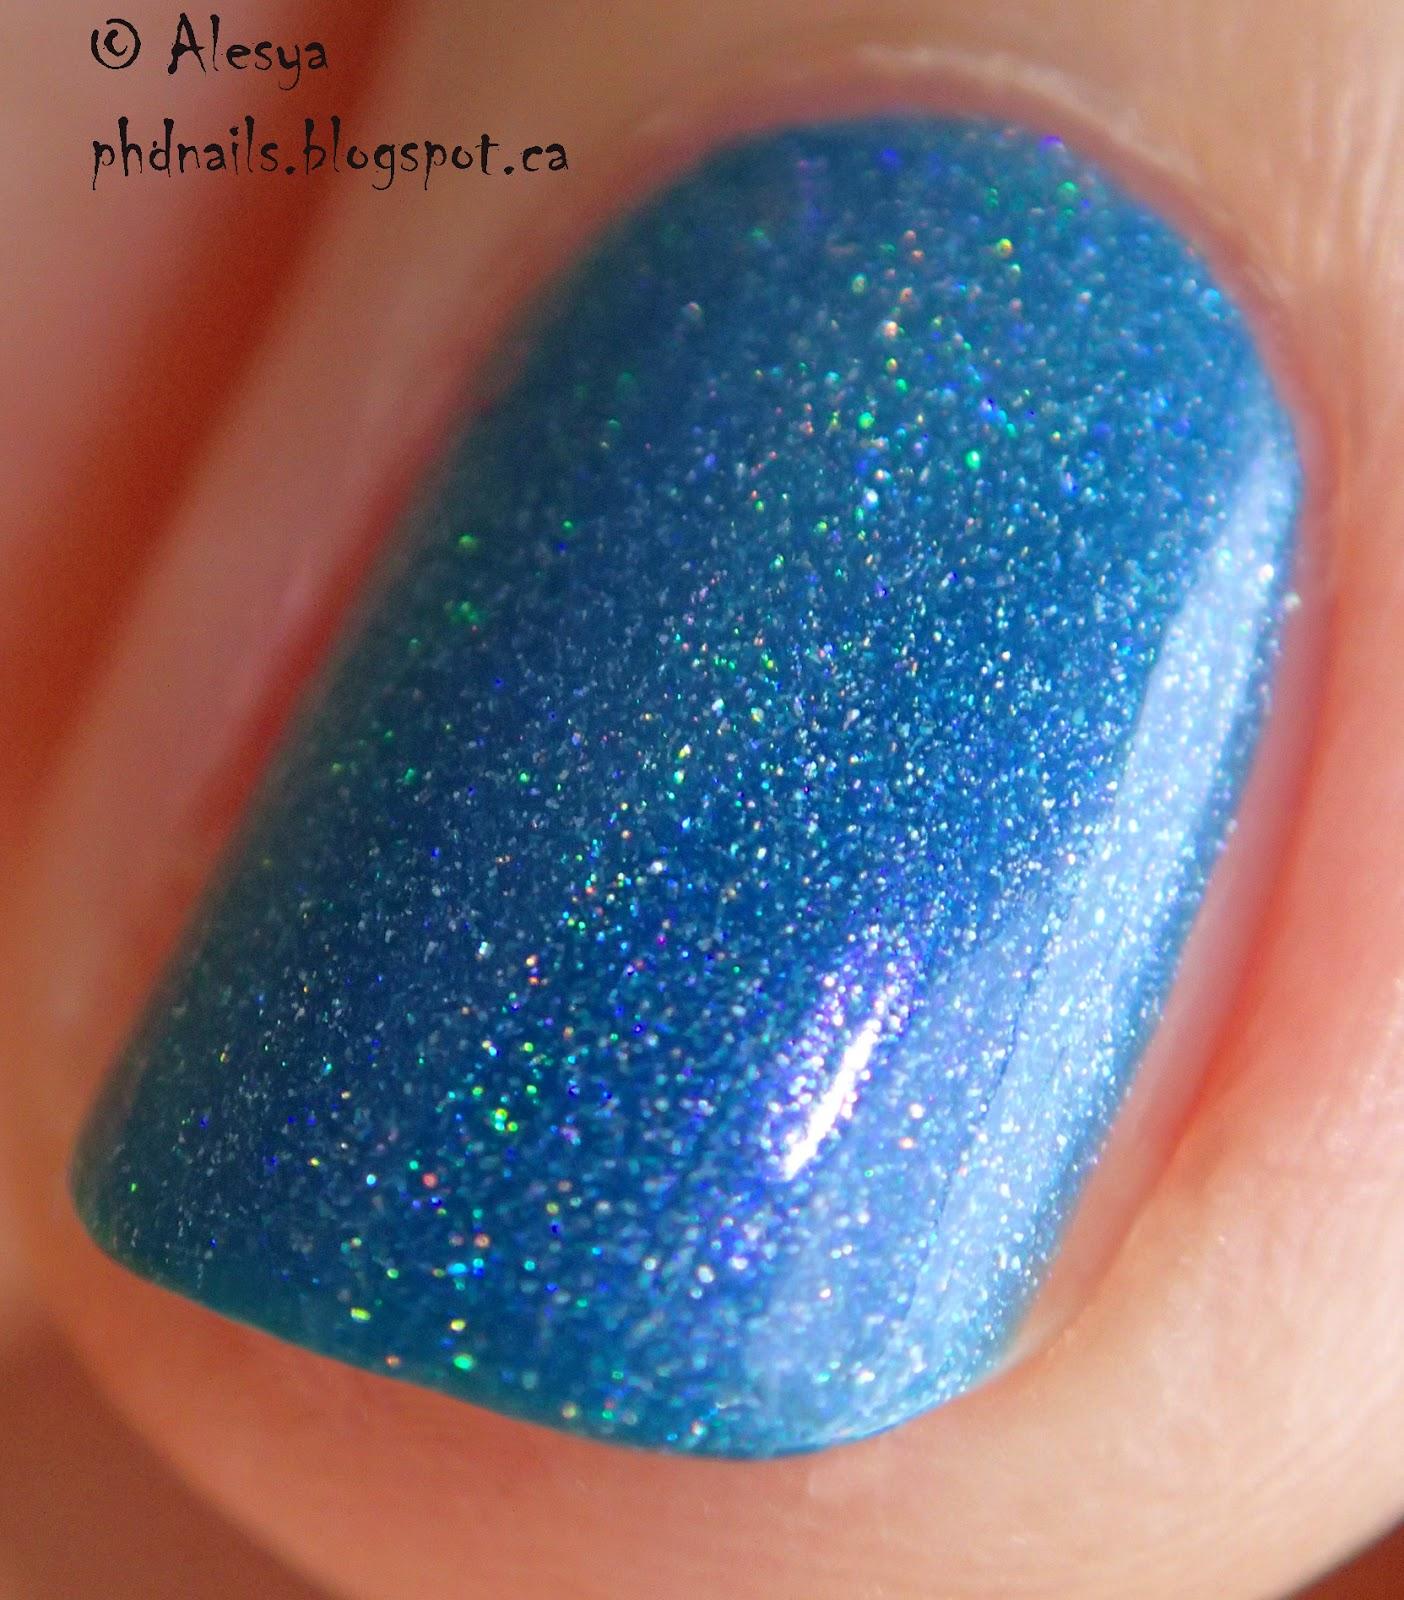 PhD nails: Enchanted polish gradient with El corazon